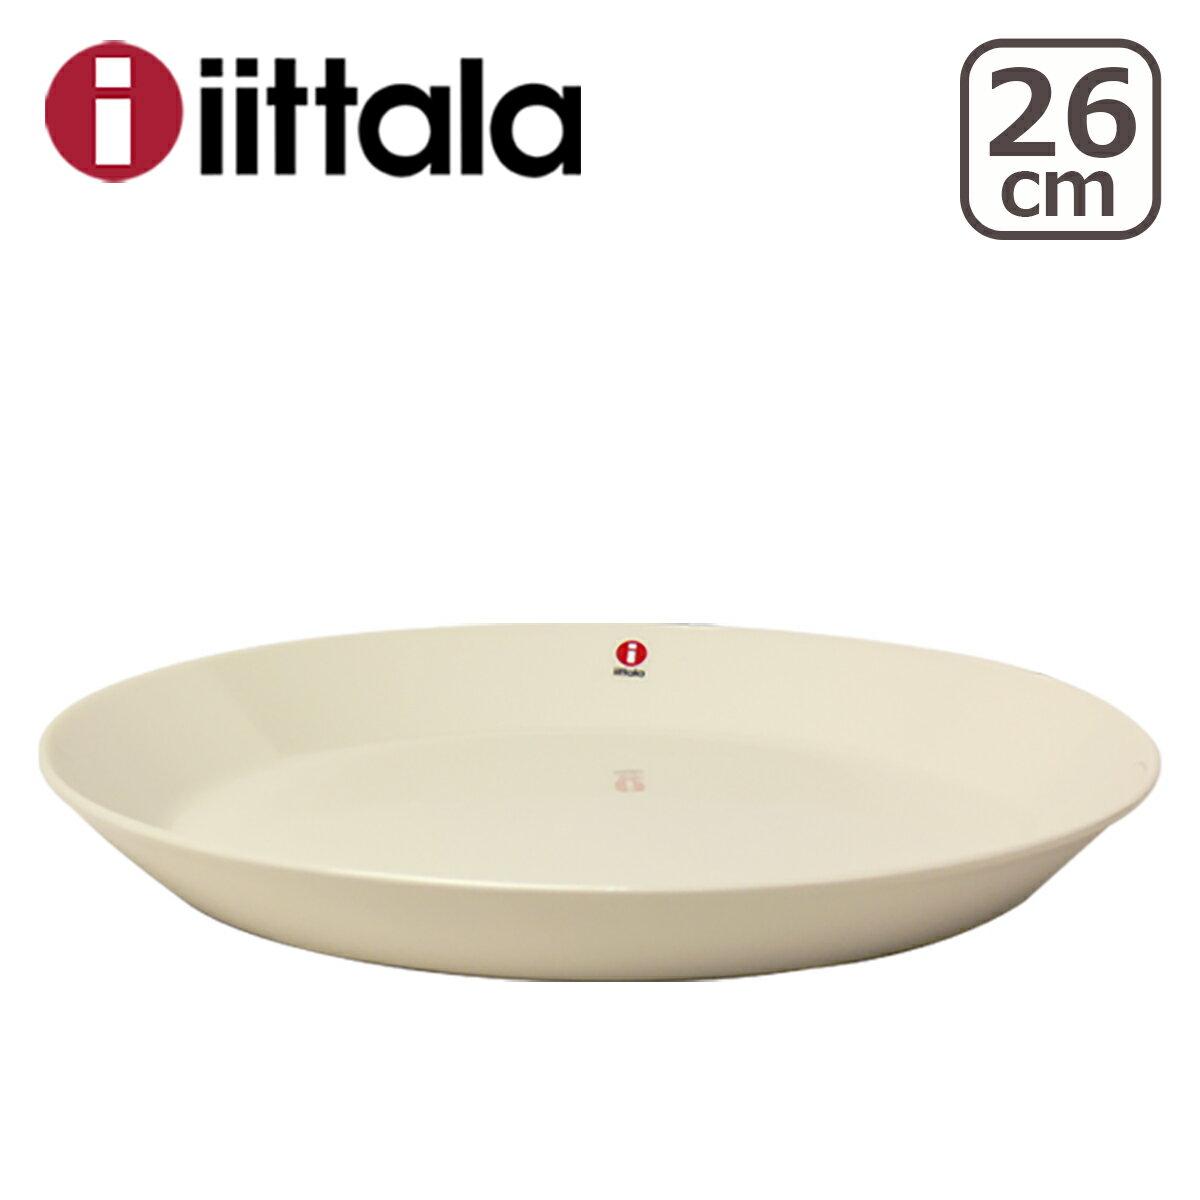 【ポイント3倍 10/10】イッタラ iittala ティーマ TEEMA 26cm プレート ホワイト 白皿 北欧 フィンランド 食器 ittala